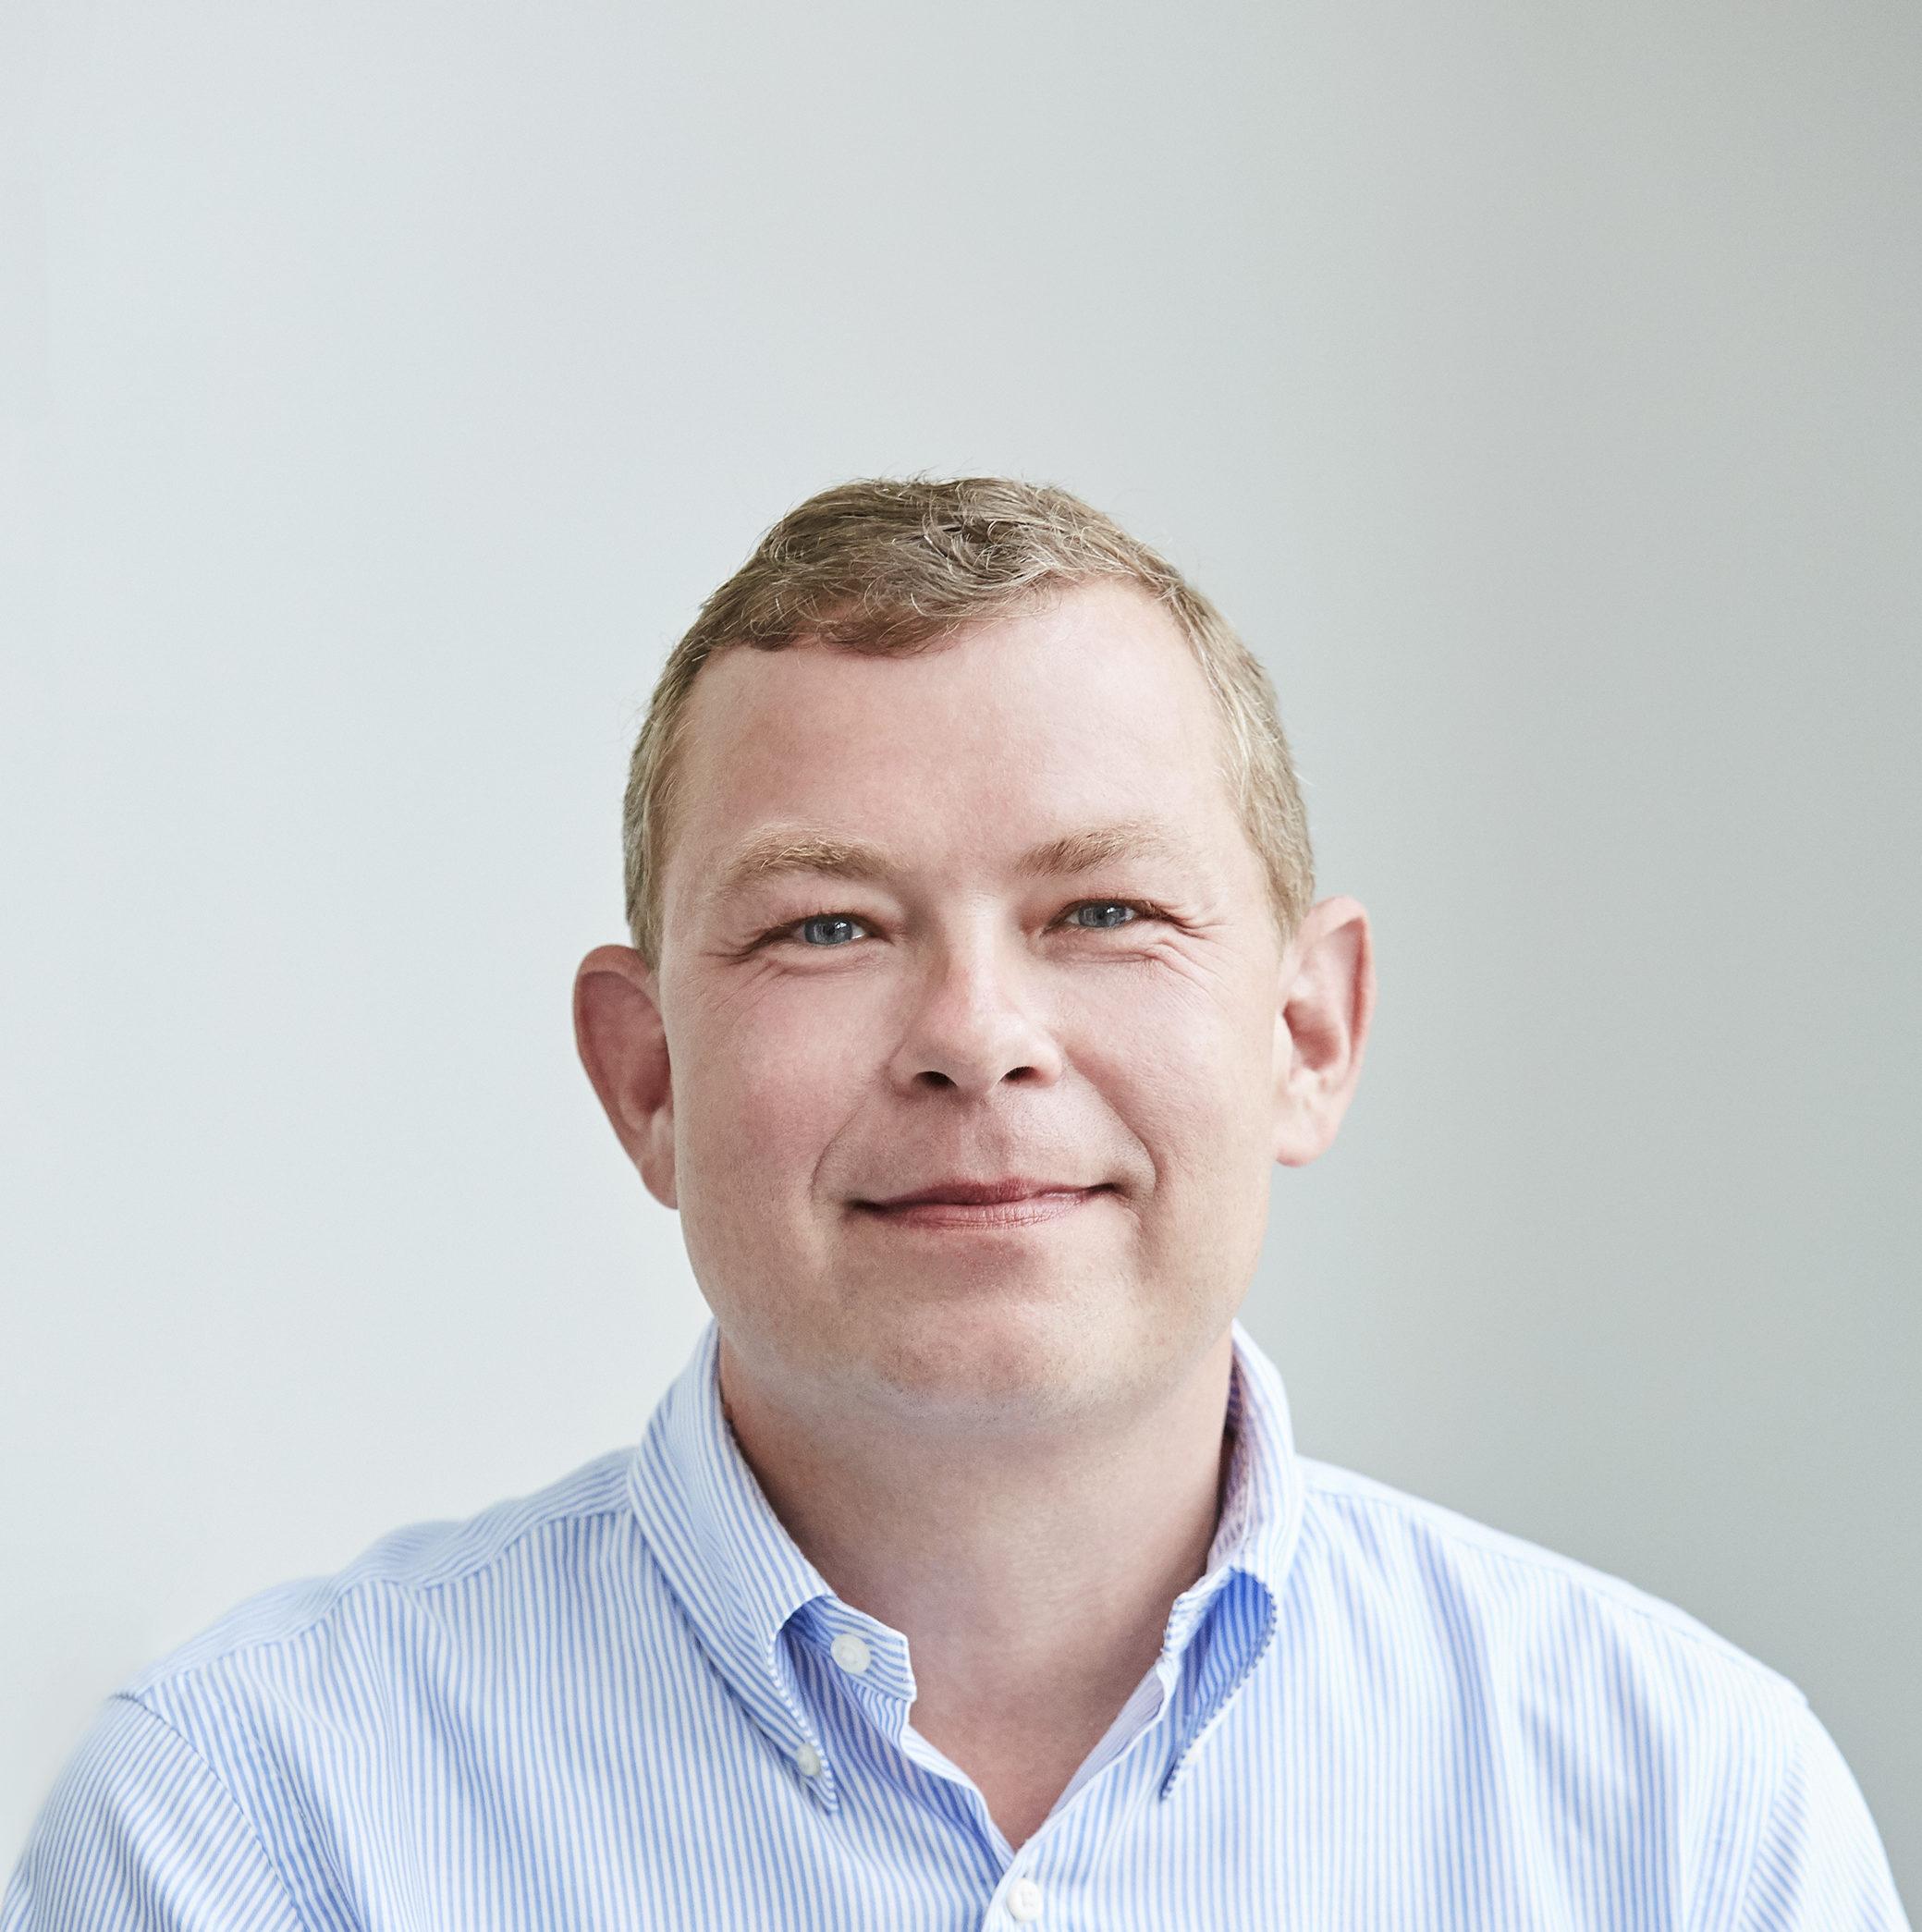 Thomas Friis Rasmussen tiltræder pr. 1. juni i stillingen som Director Client Management hos BCD Travel i Norden. Foto: Trine Bukh